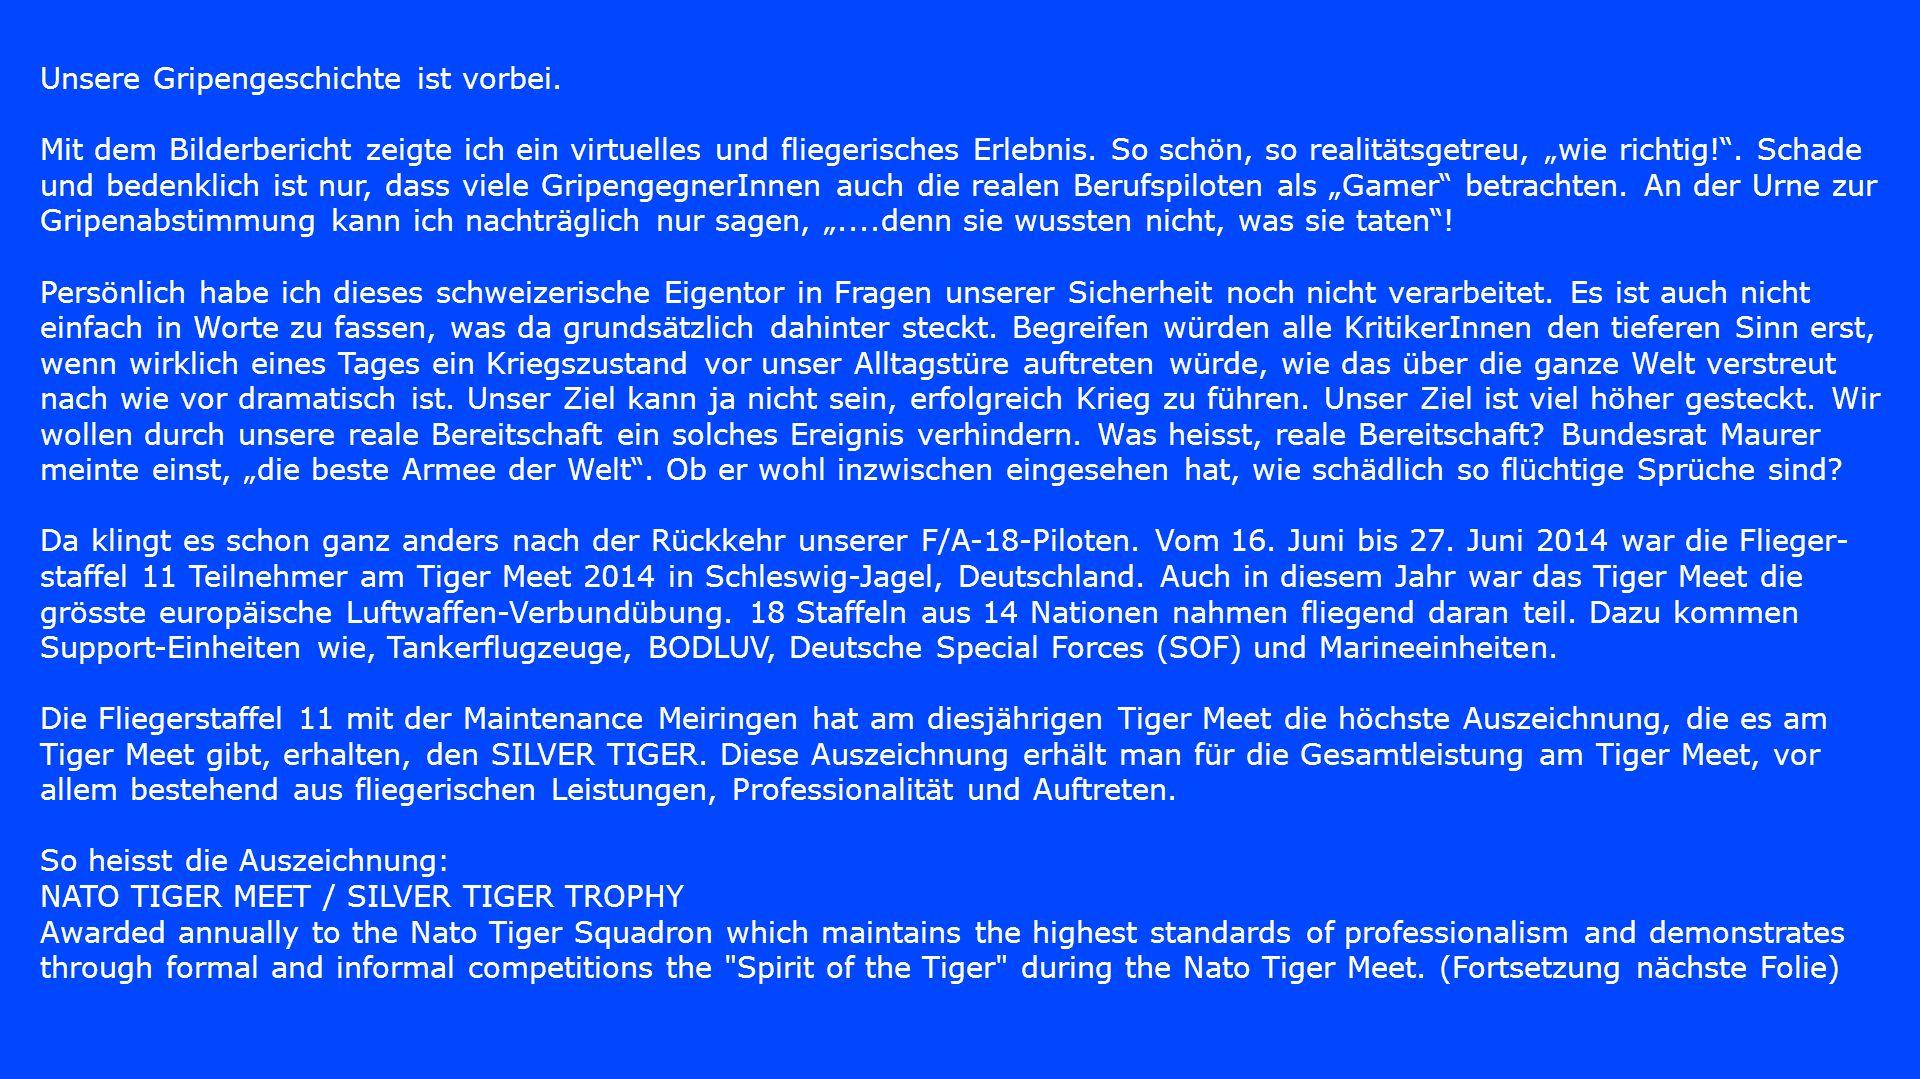 Das Tiger Meet 2014 war eine hervorragende Gelegenheit, unser know how und unsere Verfahren (LUV-Business und ZIFR) im internationalen Umfeld und in komplexen Übungen mit den unterschiedlichsten Partnern und Gegnern an Briefings, Einsätzen und Debriefings zu überprüfen und zu vergleichen.